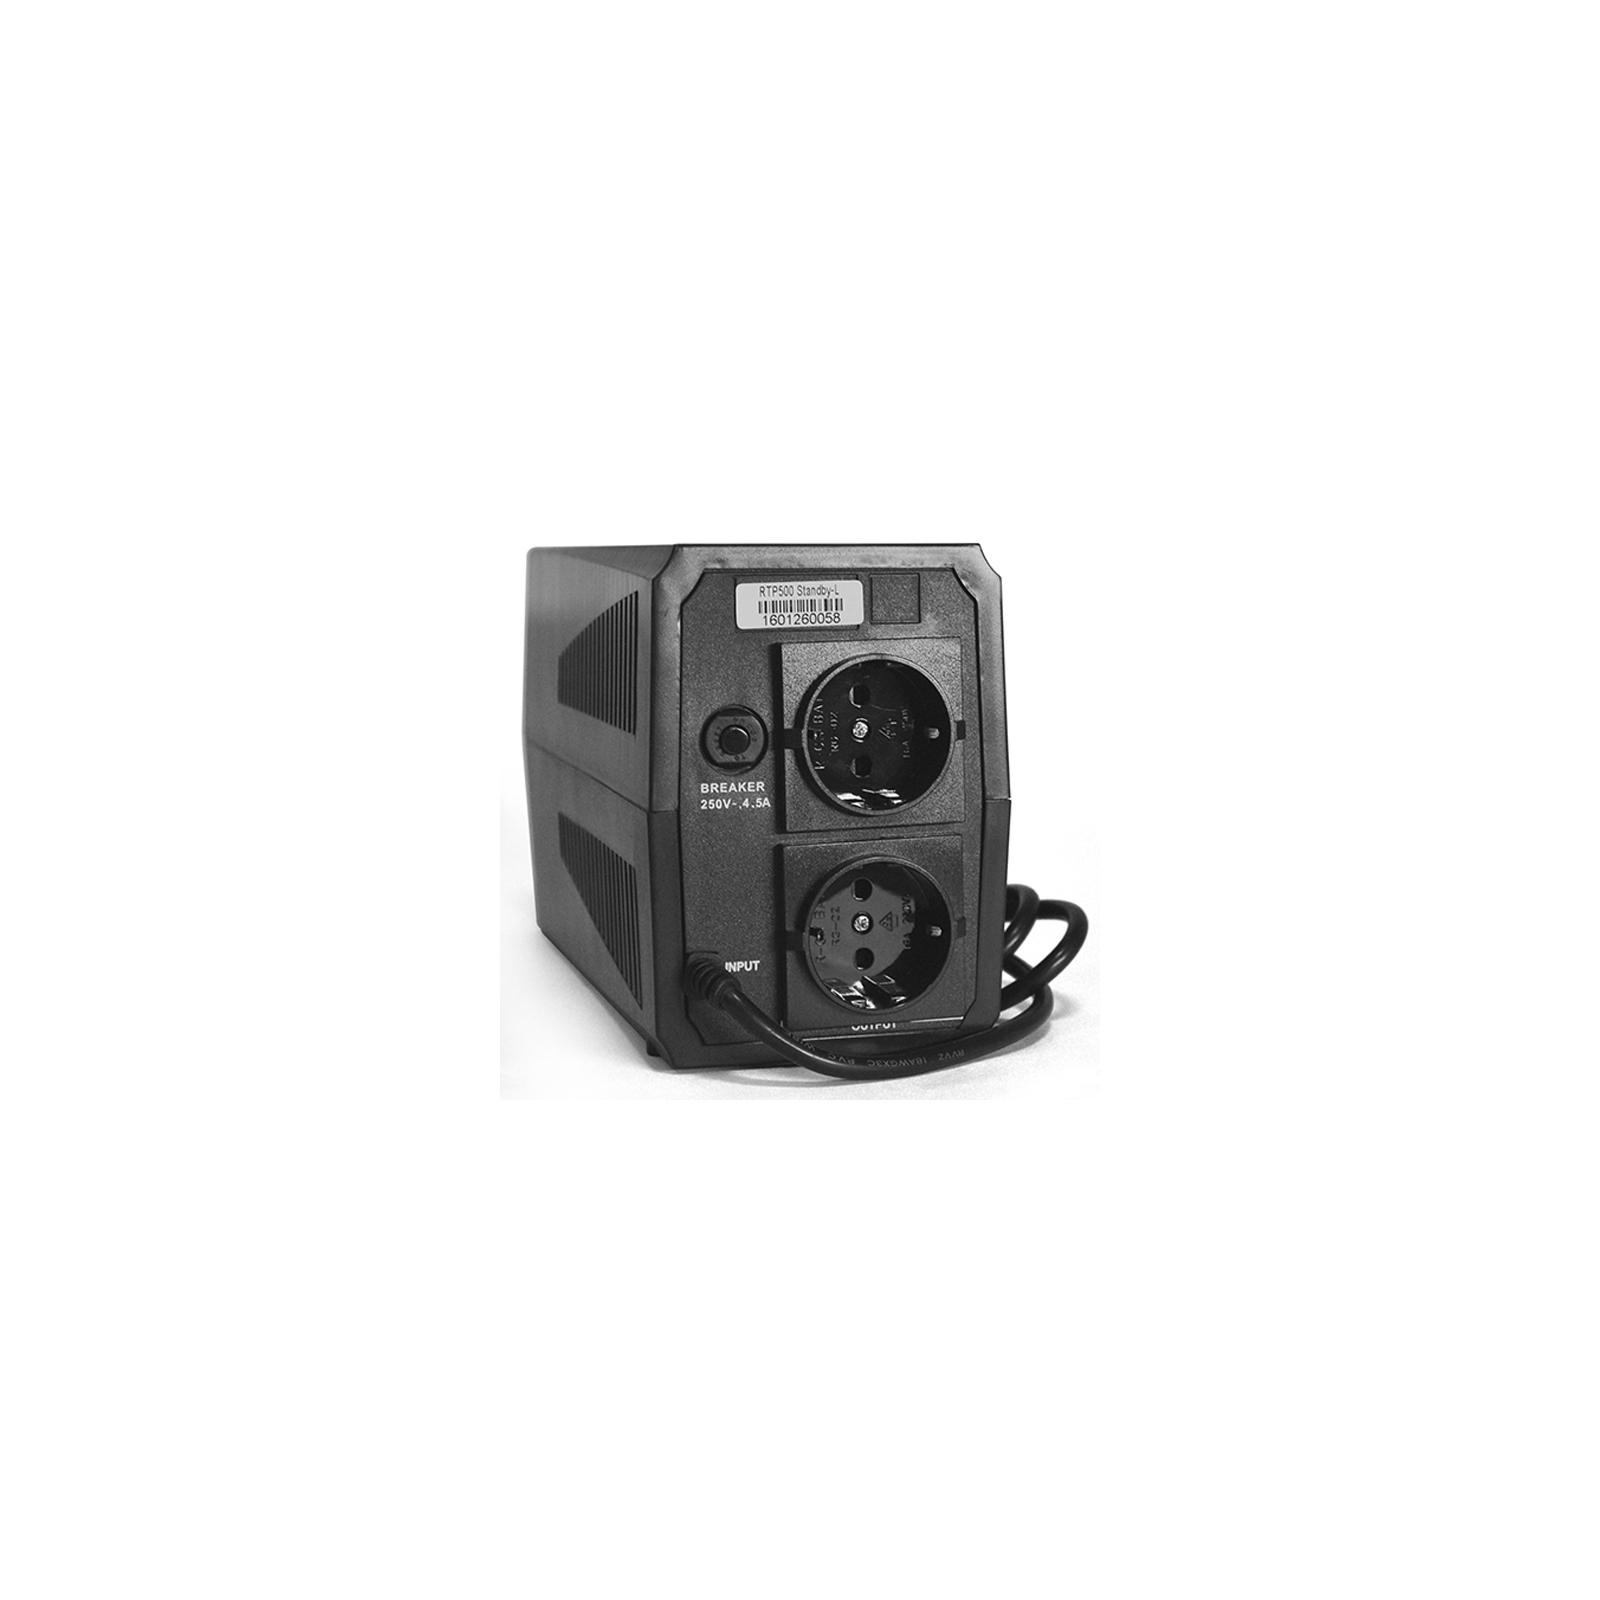 Источник бесперебойного питания Ritar Ritar RTP500 (300W) Standby-L (RTP500L) изображение 2